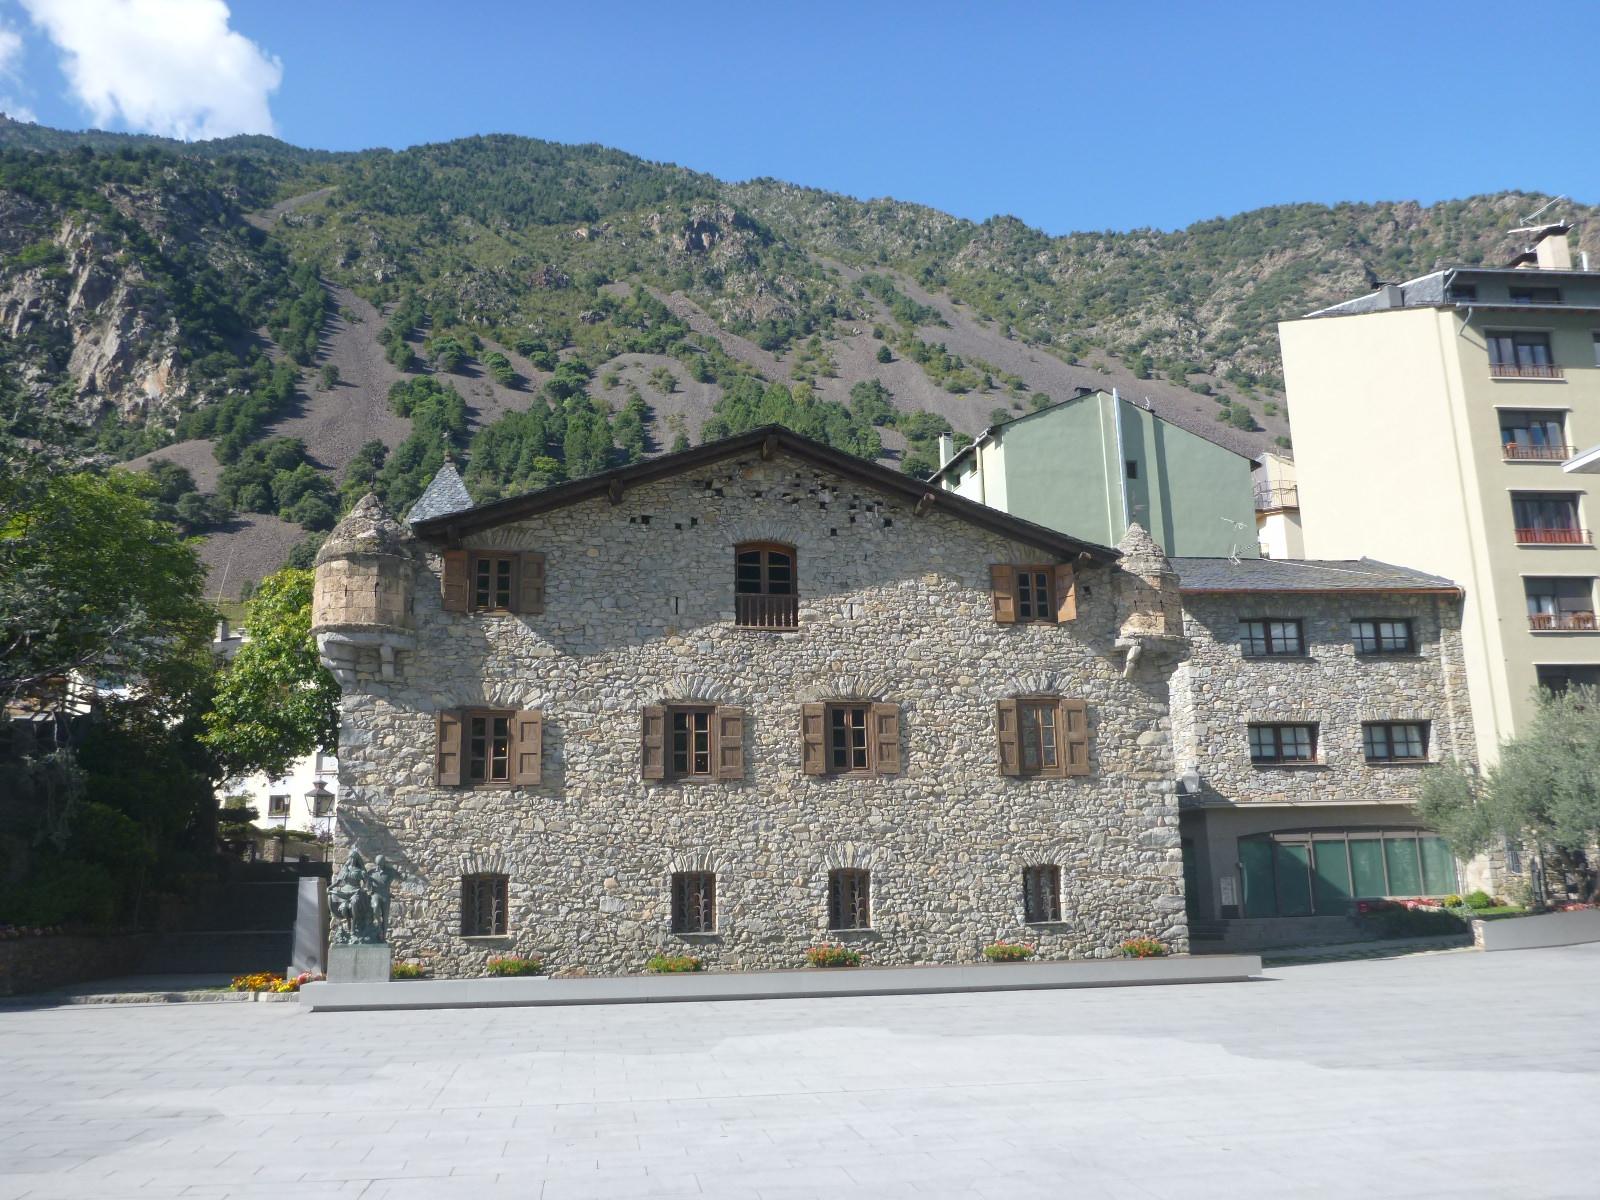 Backpacking in andorra top 10 sights in andorra la vella the capital - Andorra la vella apartamentos ...